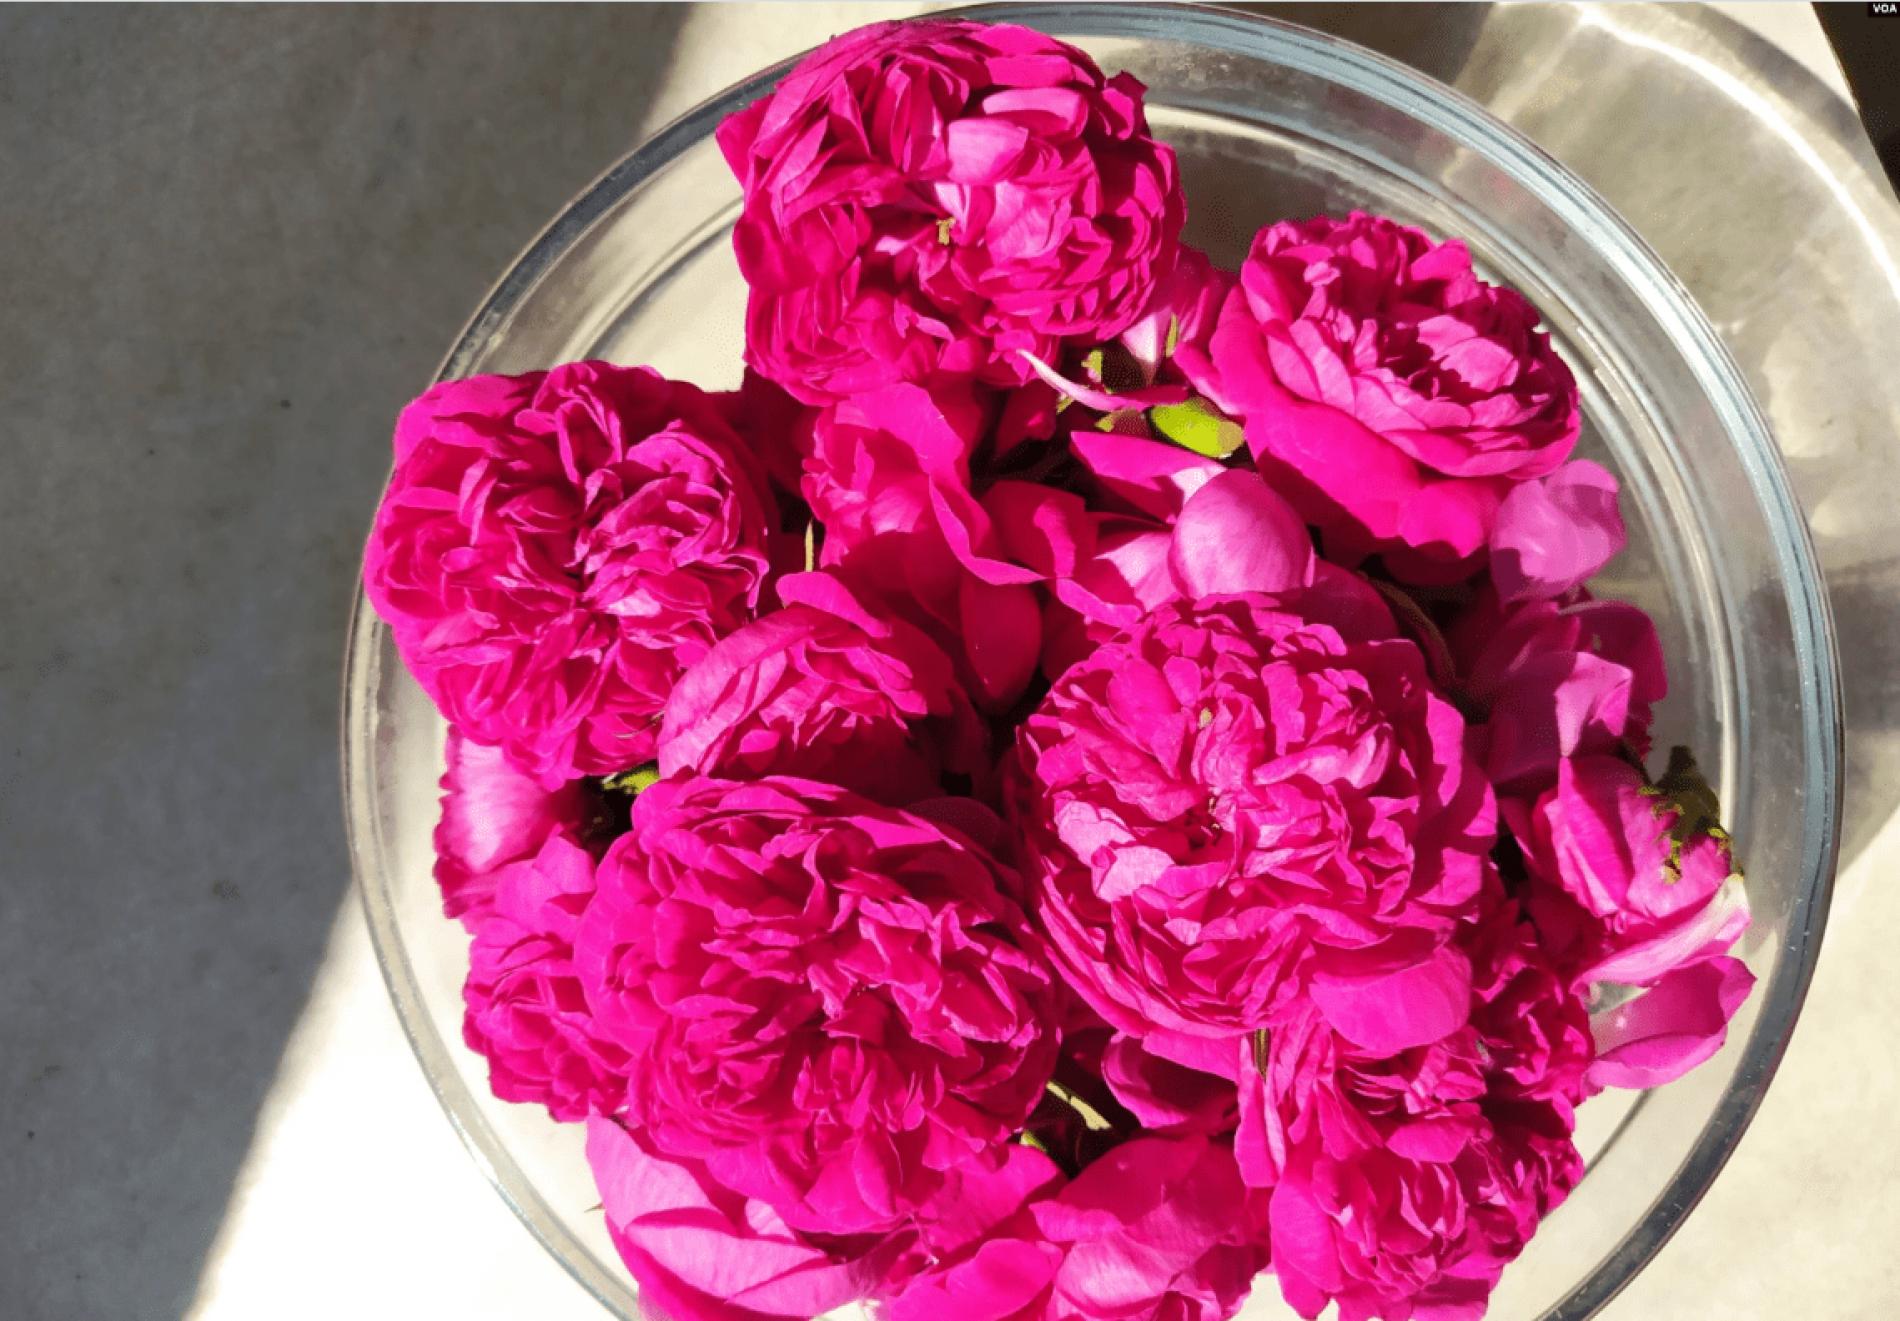 Čuvari ruža: potrebno više brige za očuvanje đulberšećer ruže